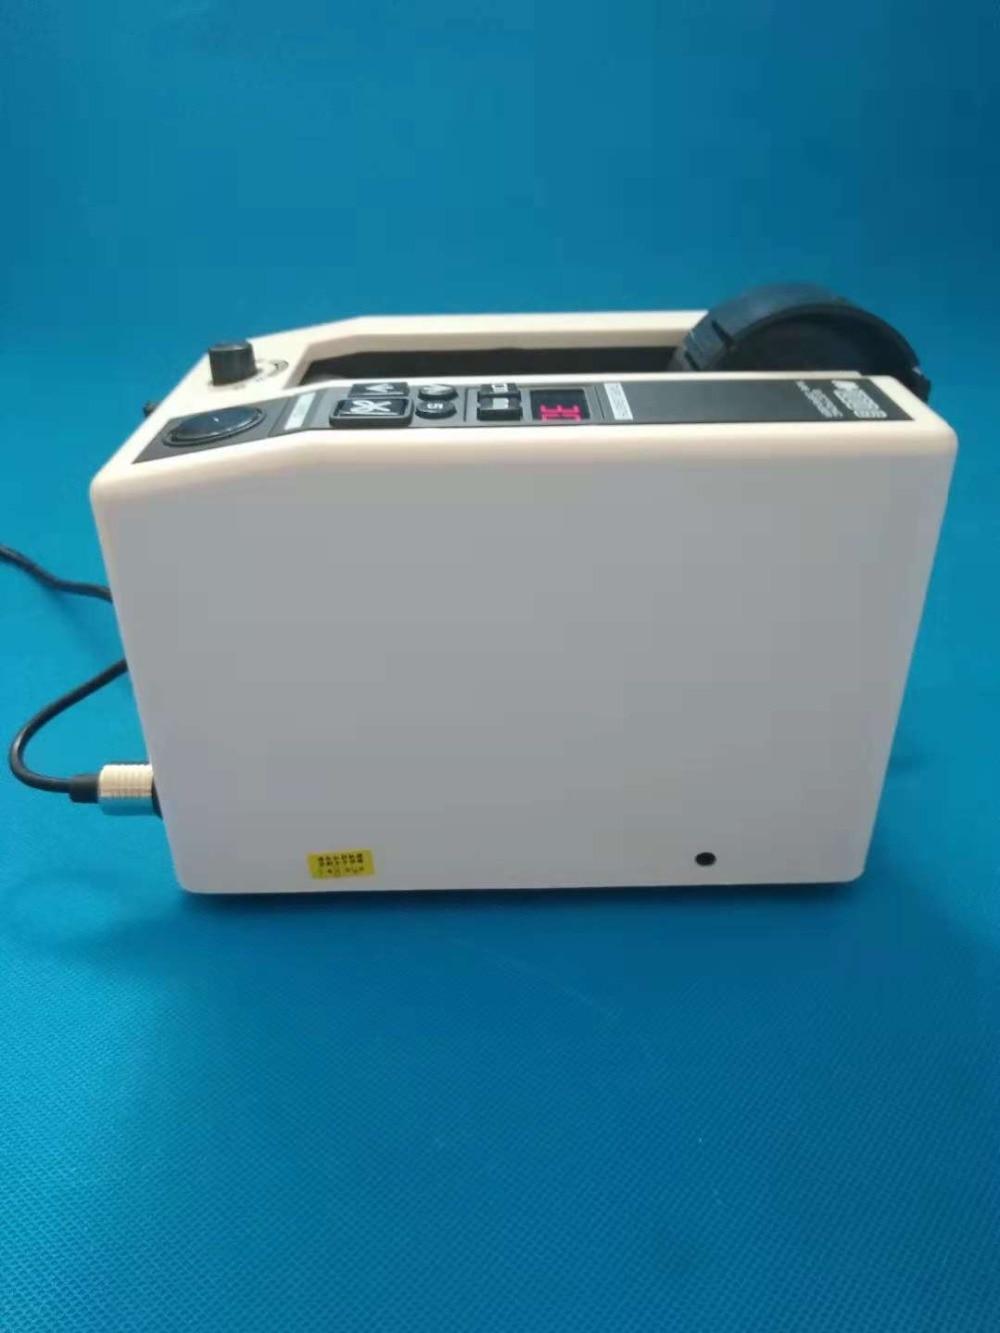 M-1000S automatikus szalag adagoló / automatikus szalagvágó, 220 V - Elektromos szerszám kiegészítők - Fénykép 5